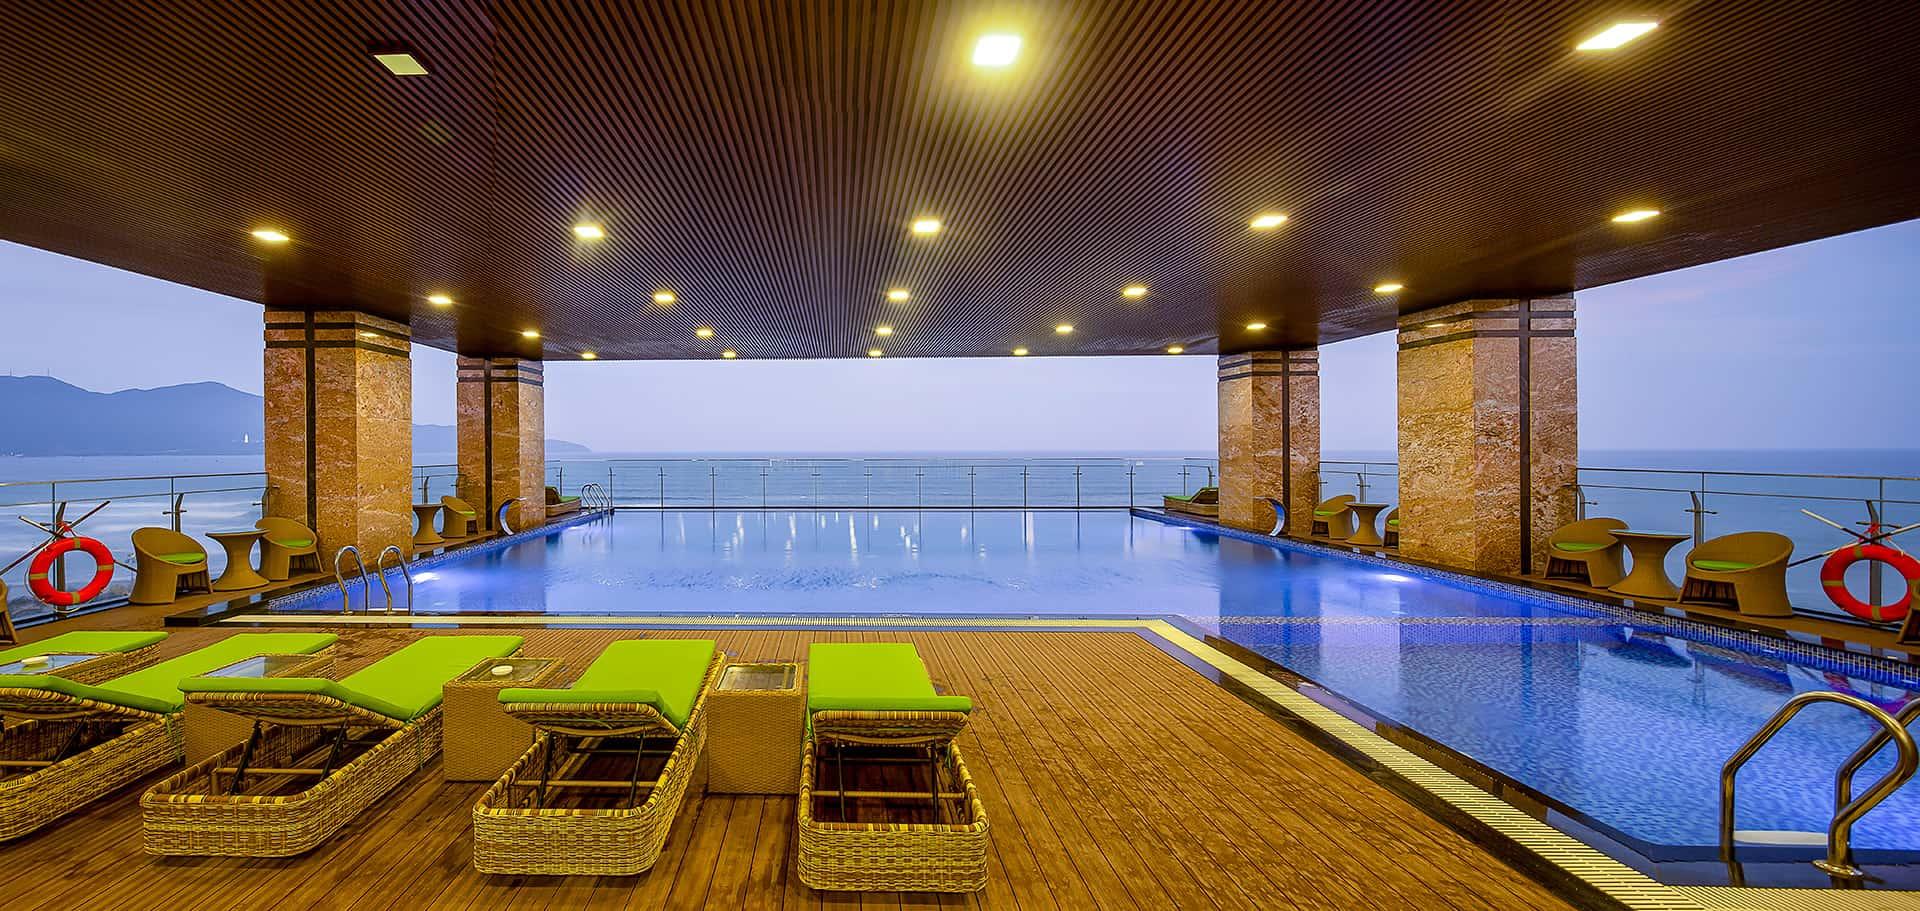 Rosamia Đà Nẵng Hotel